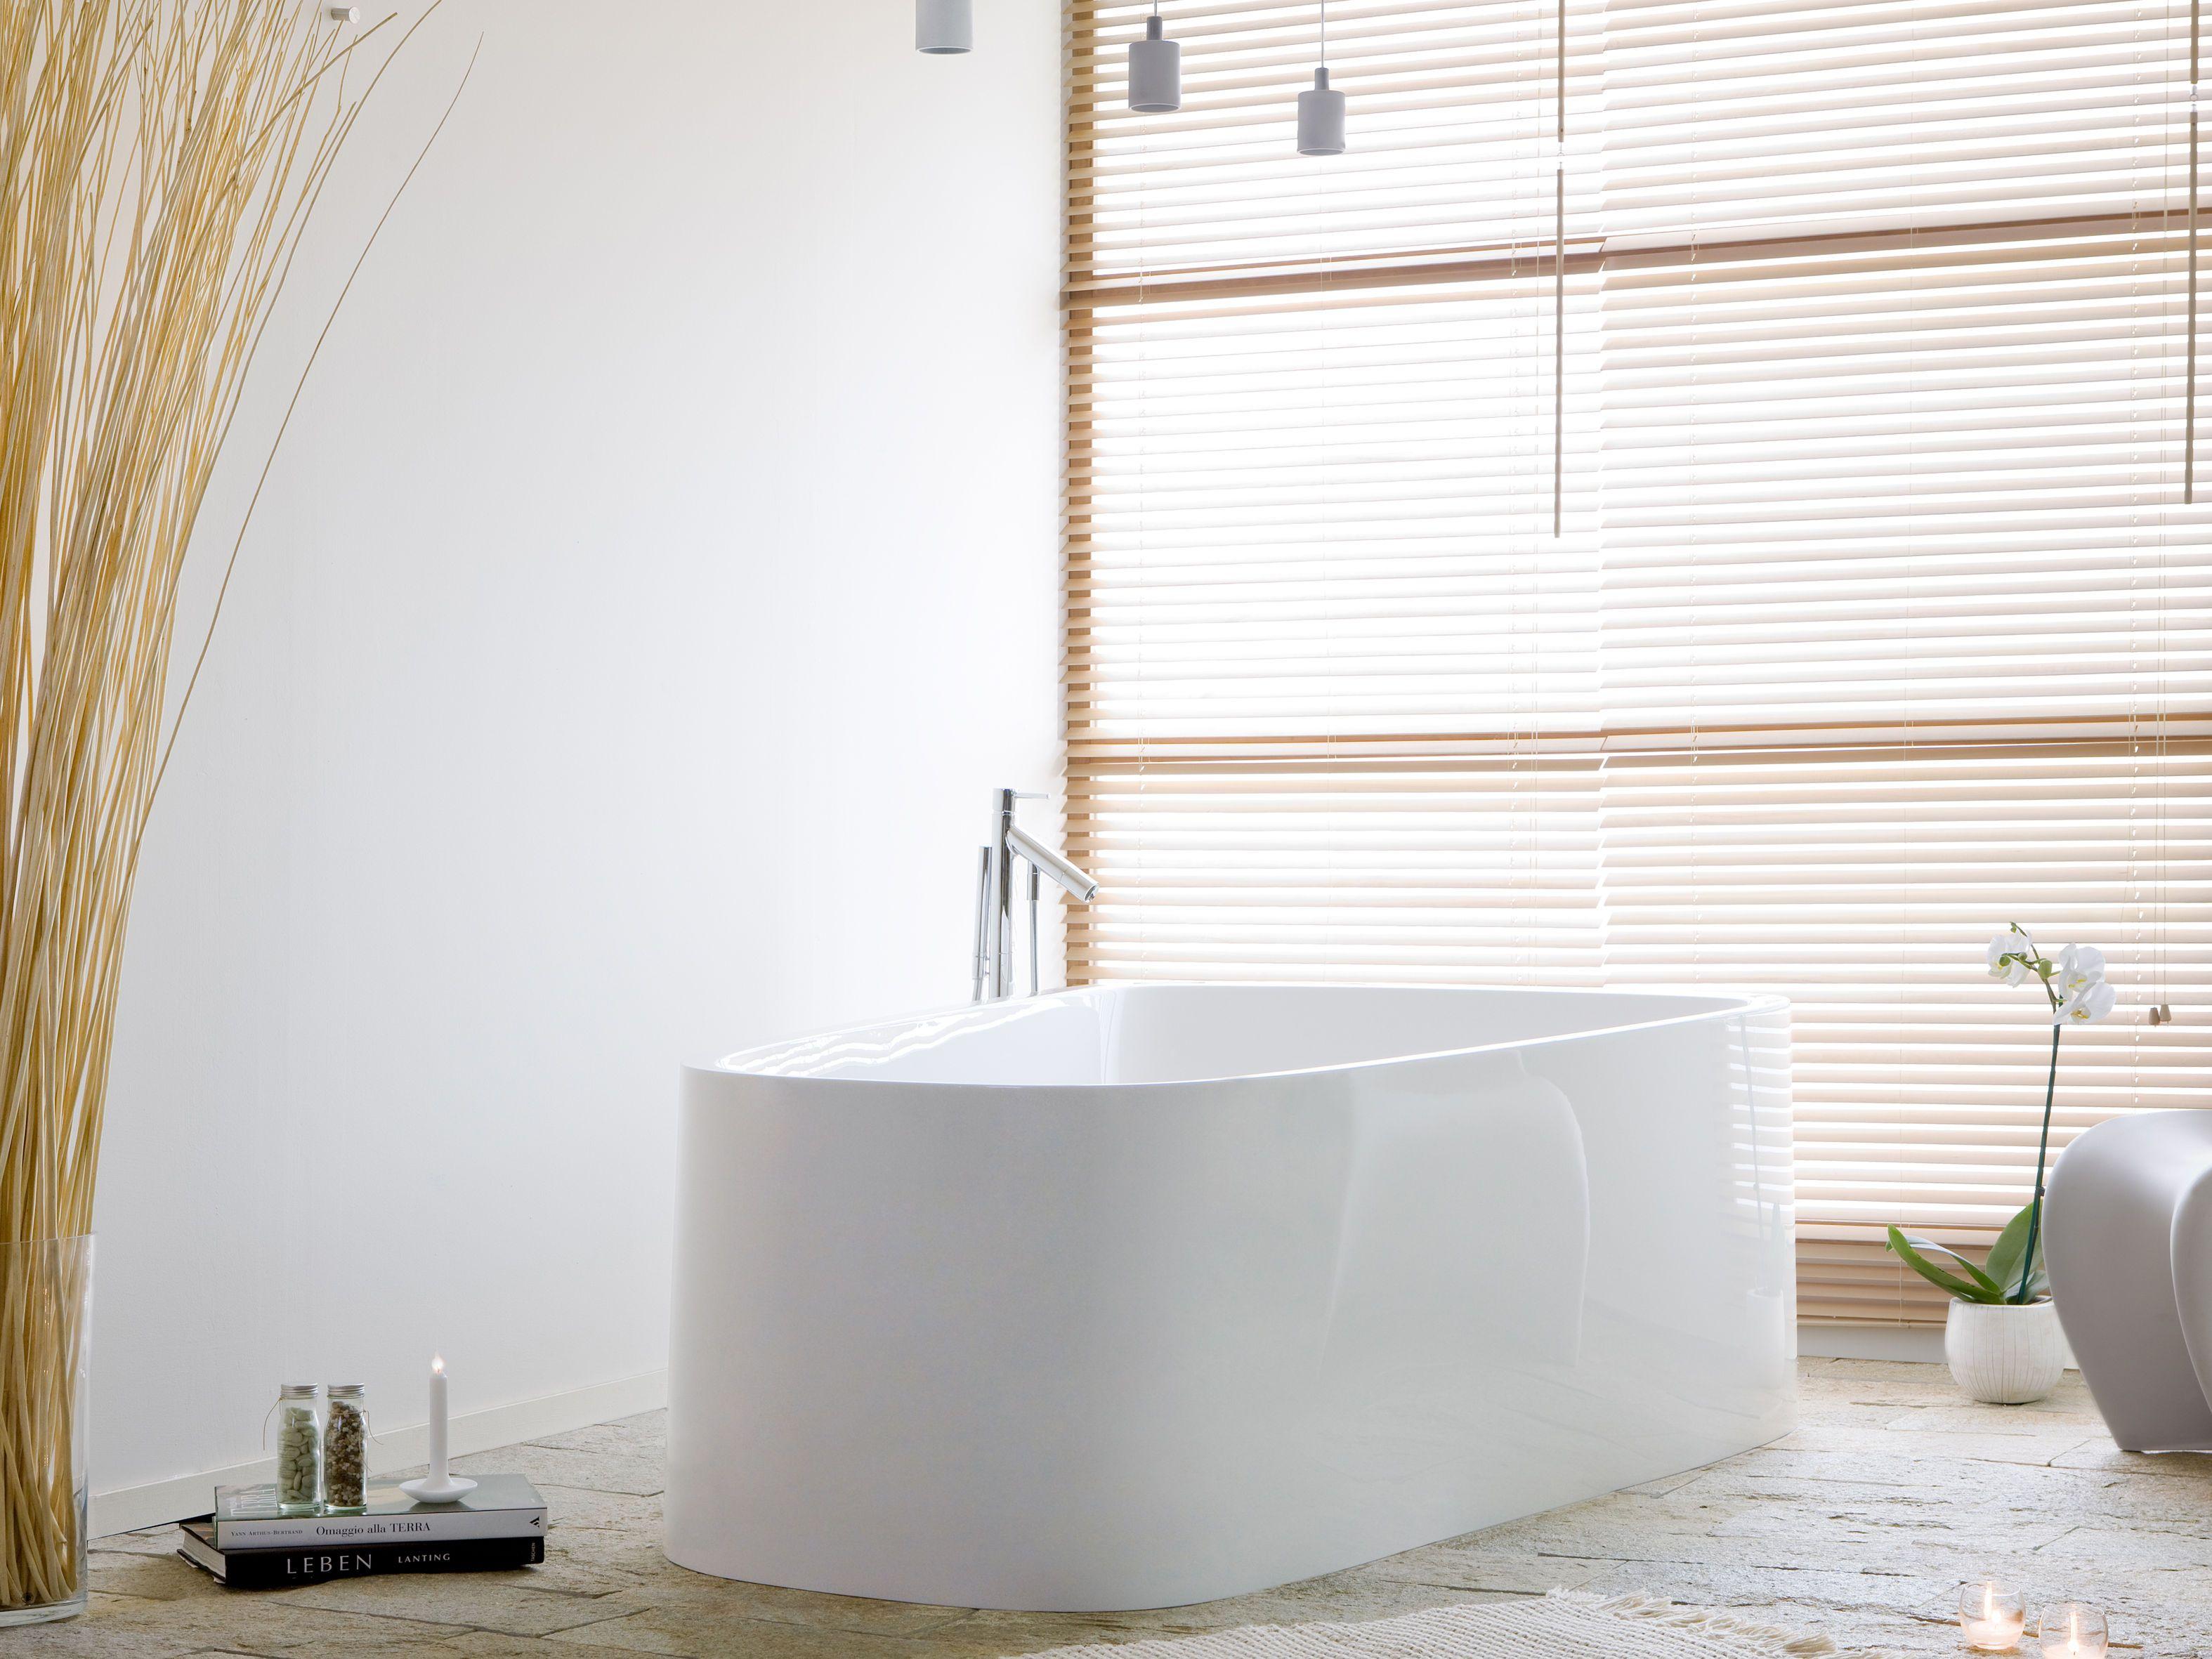 Badezimmer: Die richtige Wanne für kleine Räume - bauemotion.de